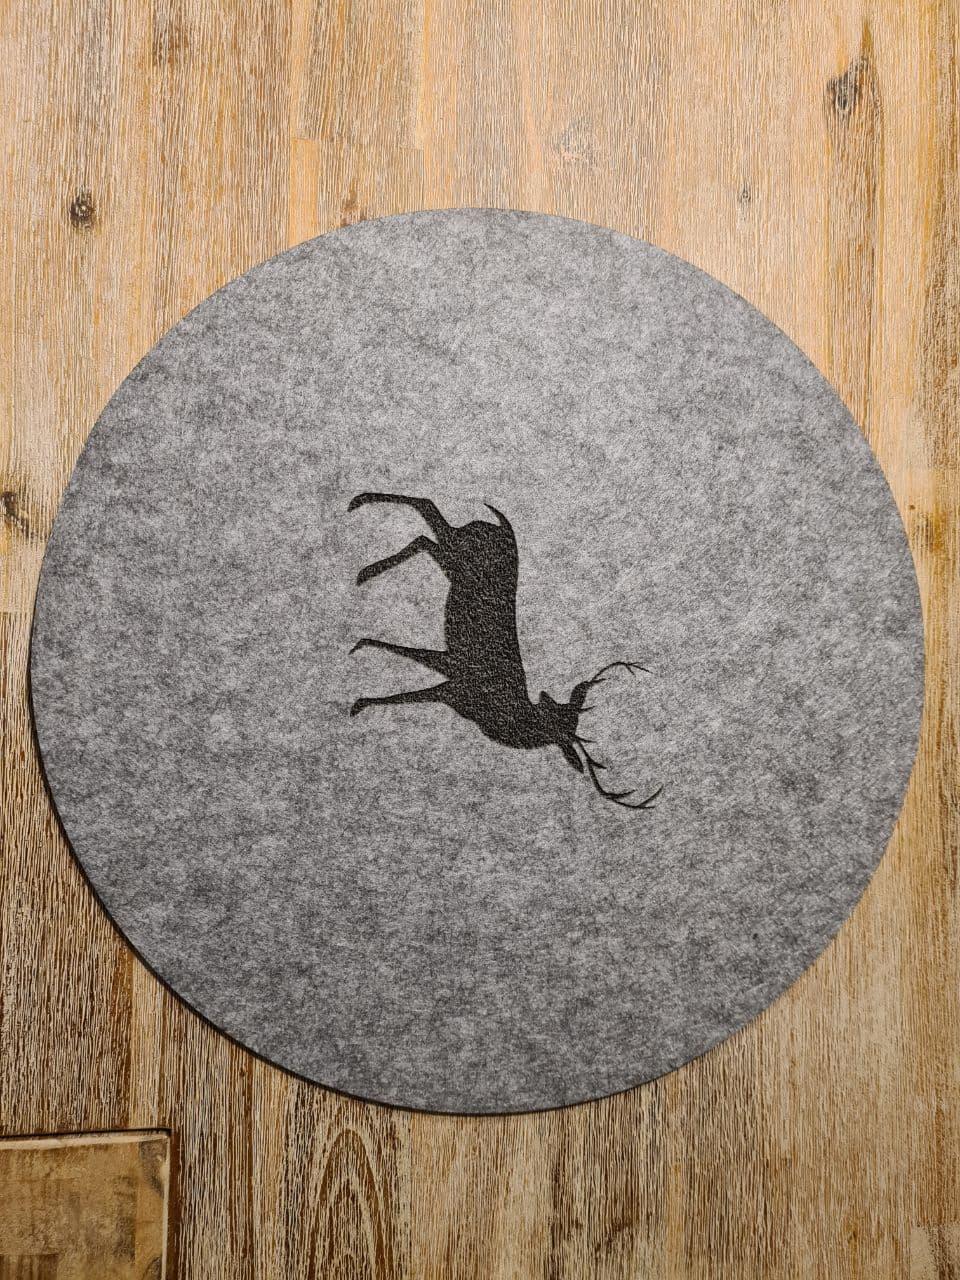 Schwarzer Filz-Untersetzter mit Hirschaufdruck rund - Handgemachte individualisierbare Taschen, Körbe, Tischsets, Dekoartikel und mehr auf fideko.de der Onlineshop seit 2011